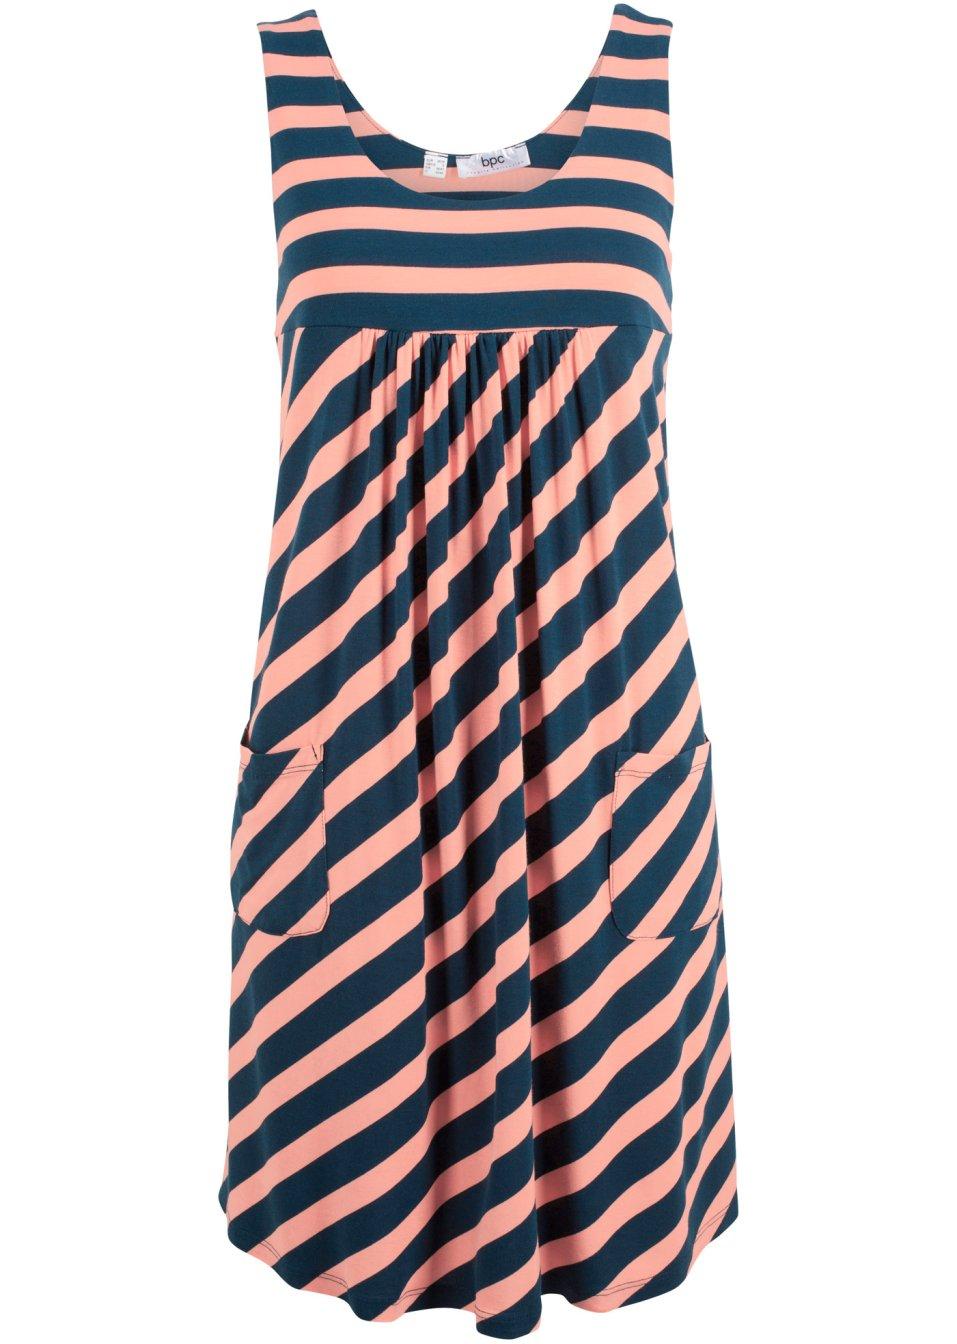 Gestreiftes Hängerchen mit Berustnaht und aufgesetzten Taschen - lachsrosa/dunkelblau gestreift IHp4k qu6m4